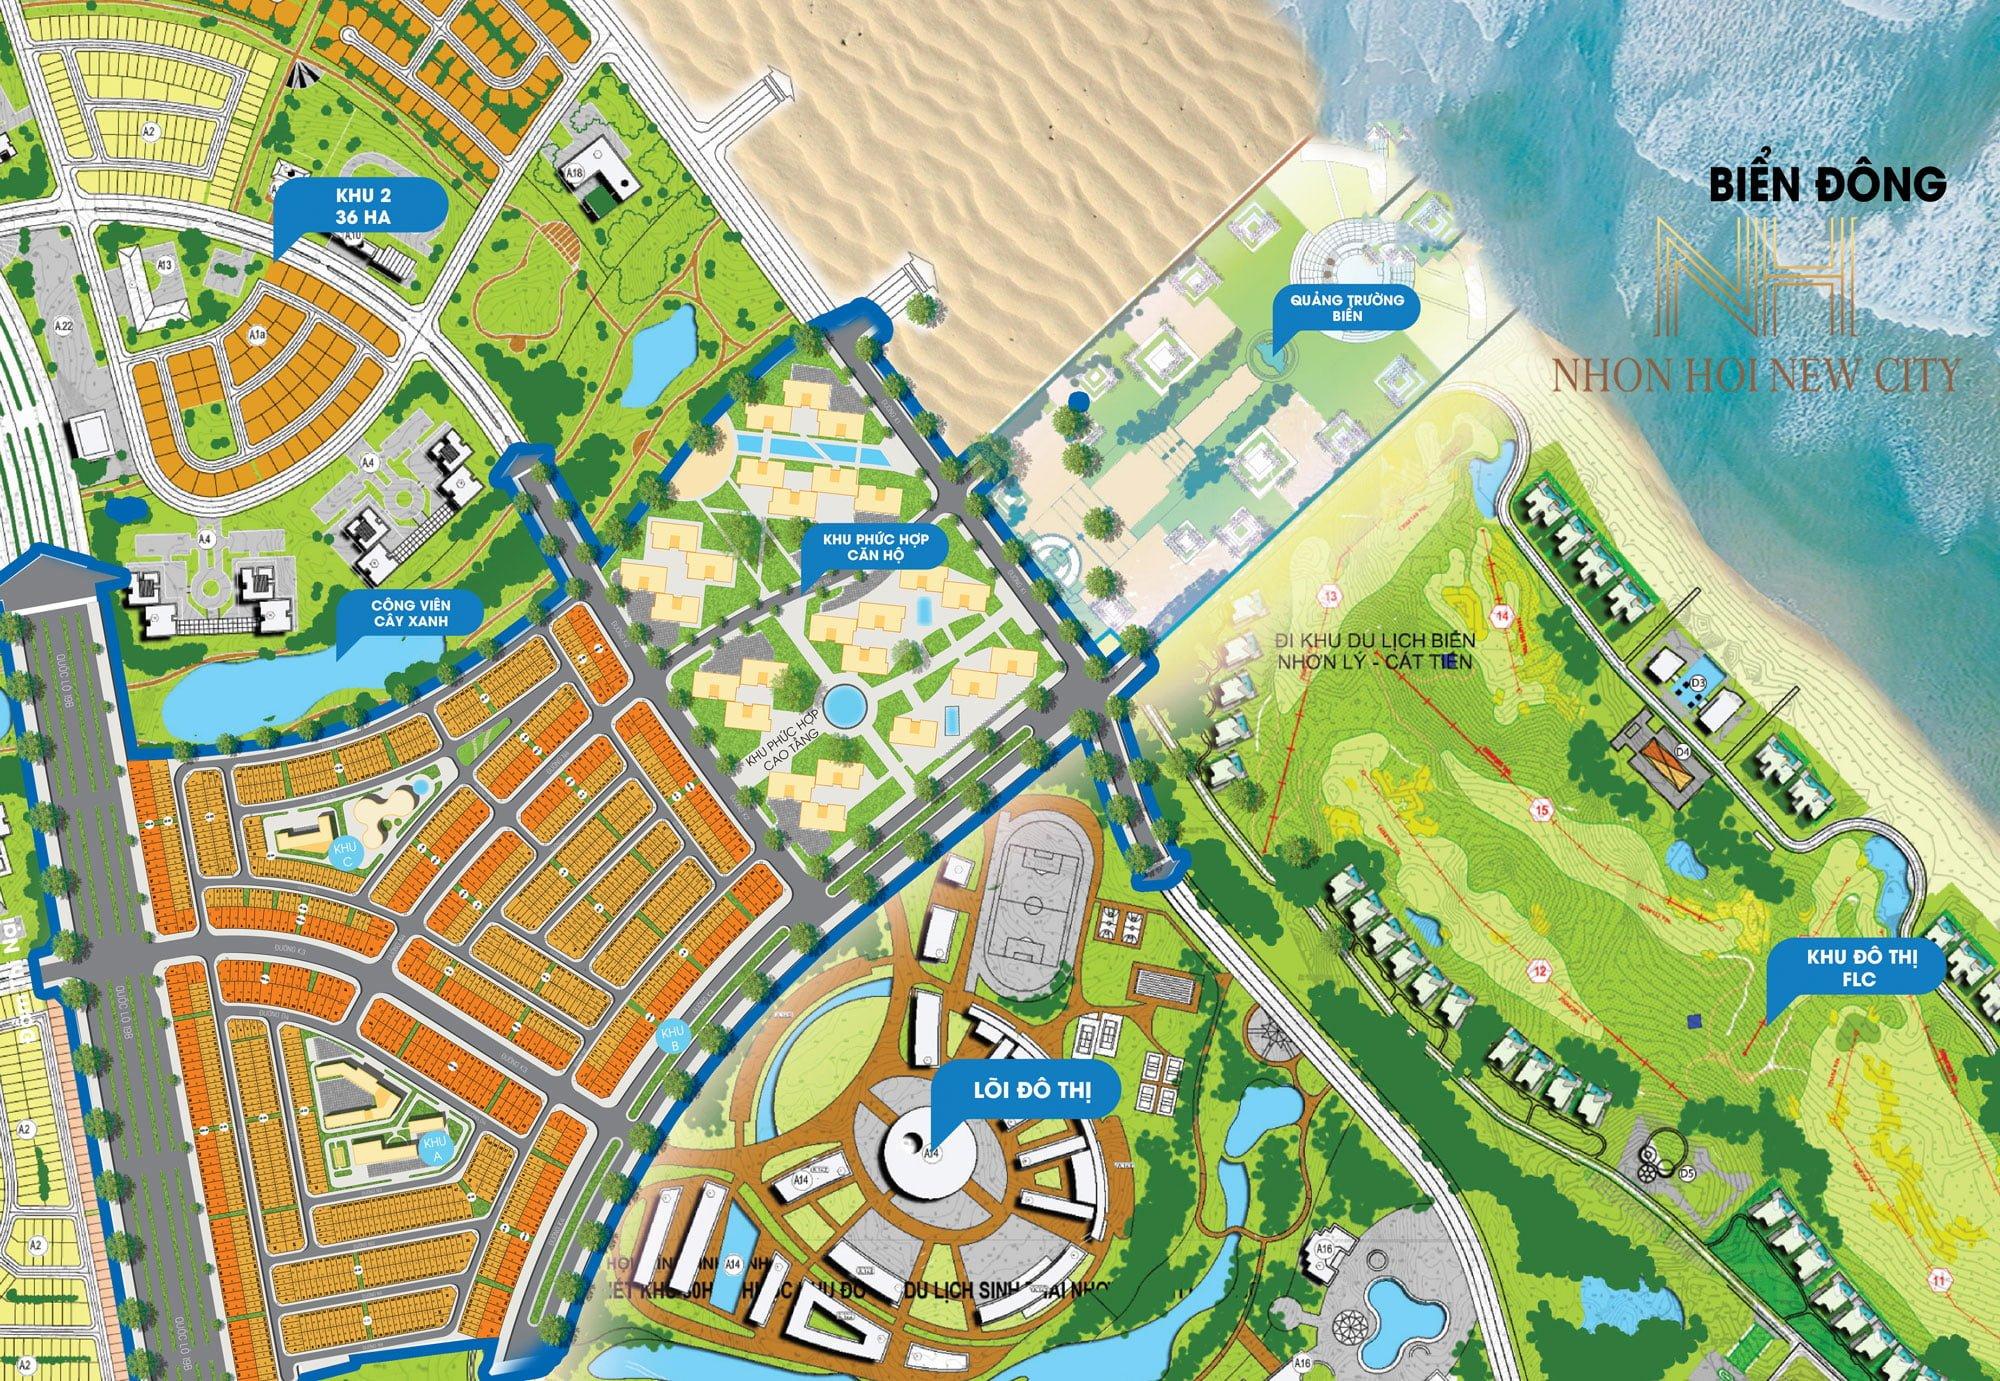 mat bang nhon hoi new city